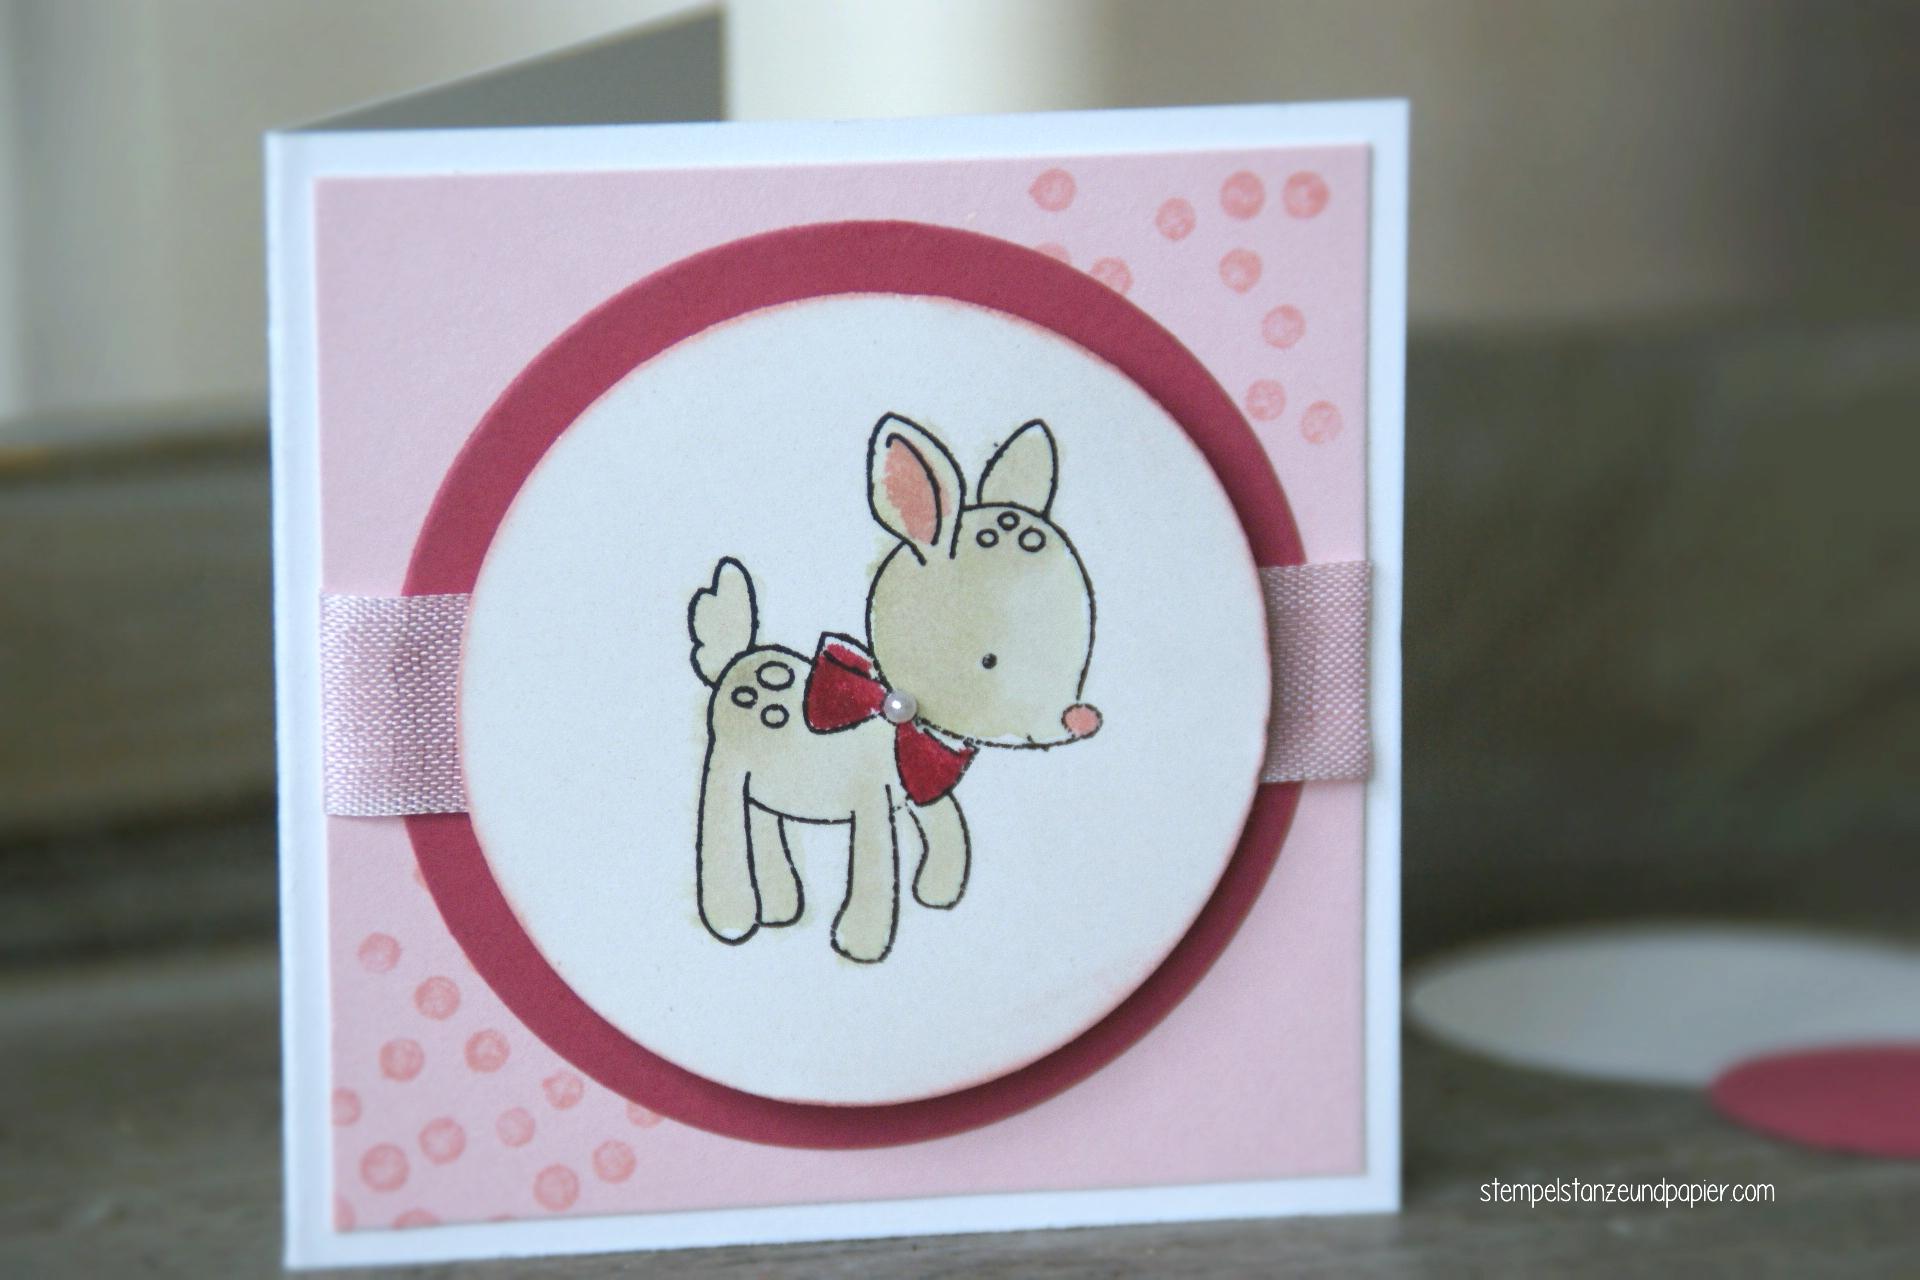 """Mini Baby-Kärtchen zur Geburt für kleine Mädchen mit den Motiv Rehkitz aus dem Stempelset """"Zum Nachwuchs"""" von Stampin' Up!"""